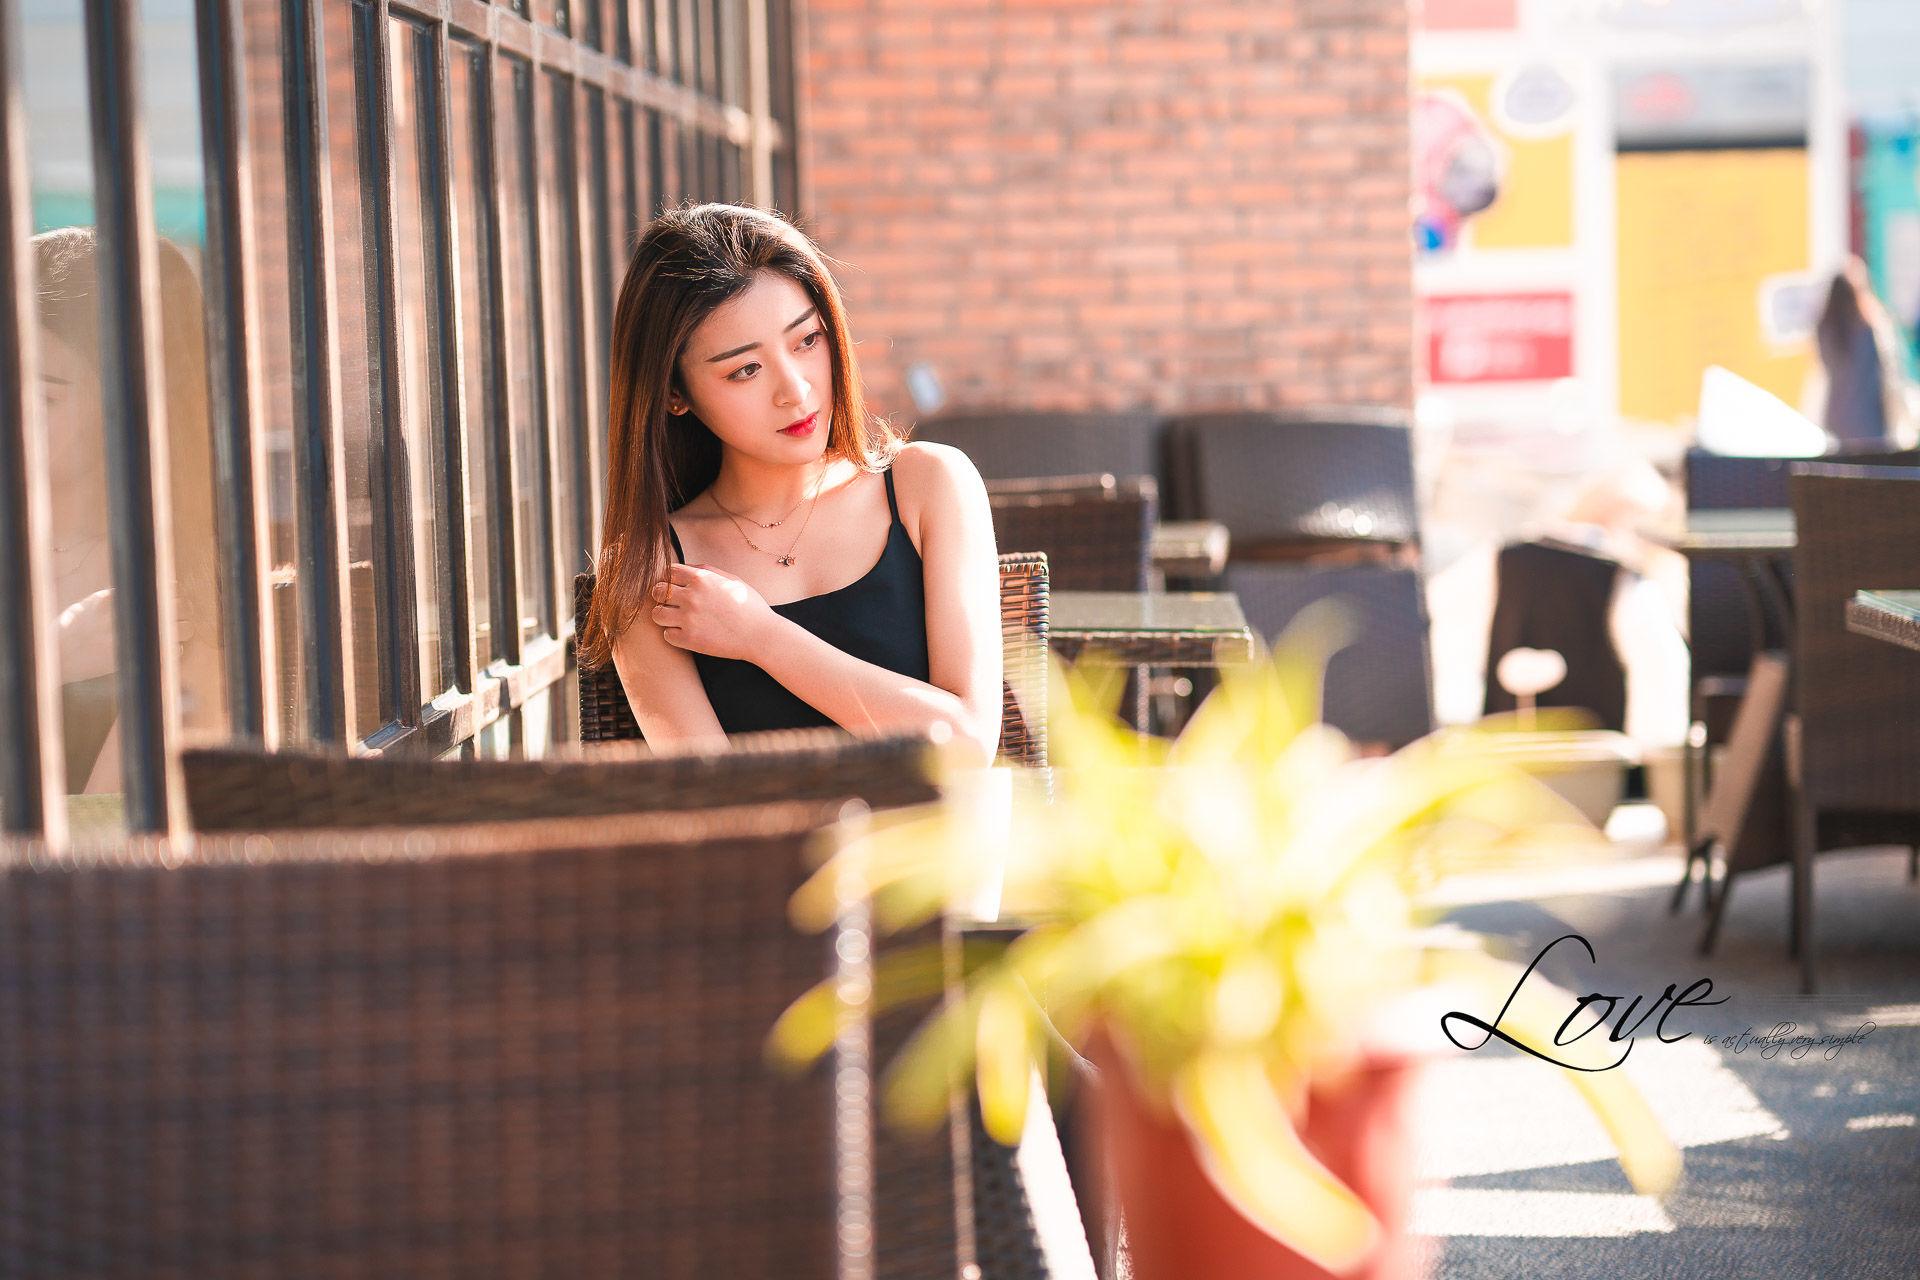 2019-02-24 大悦城_摄影师晦恩 模特韩婷